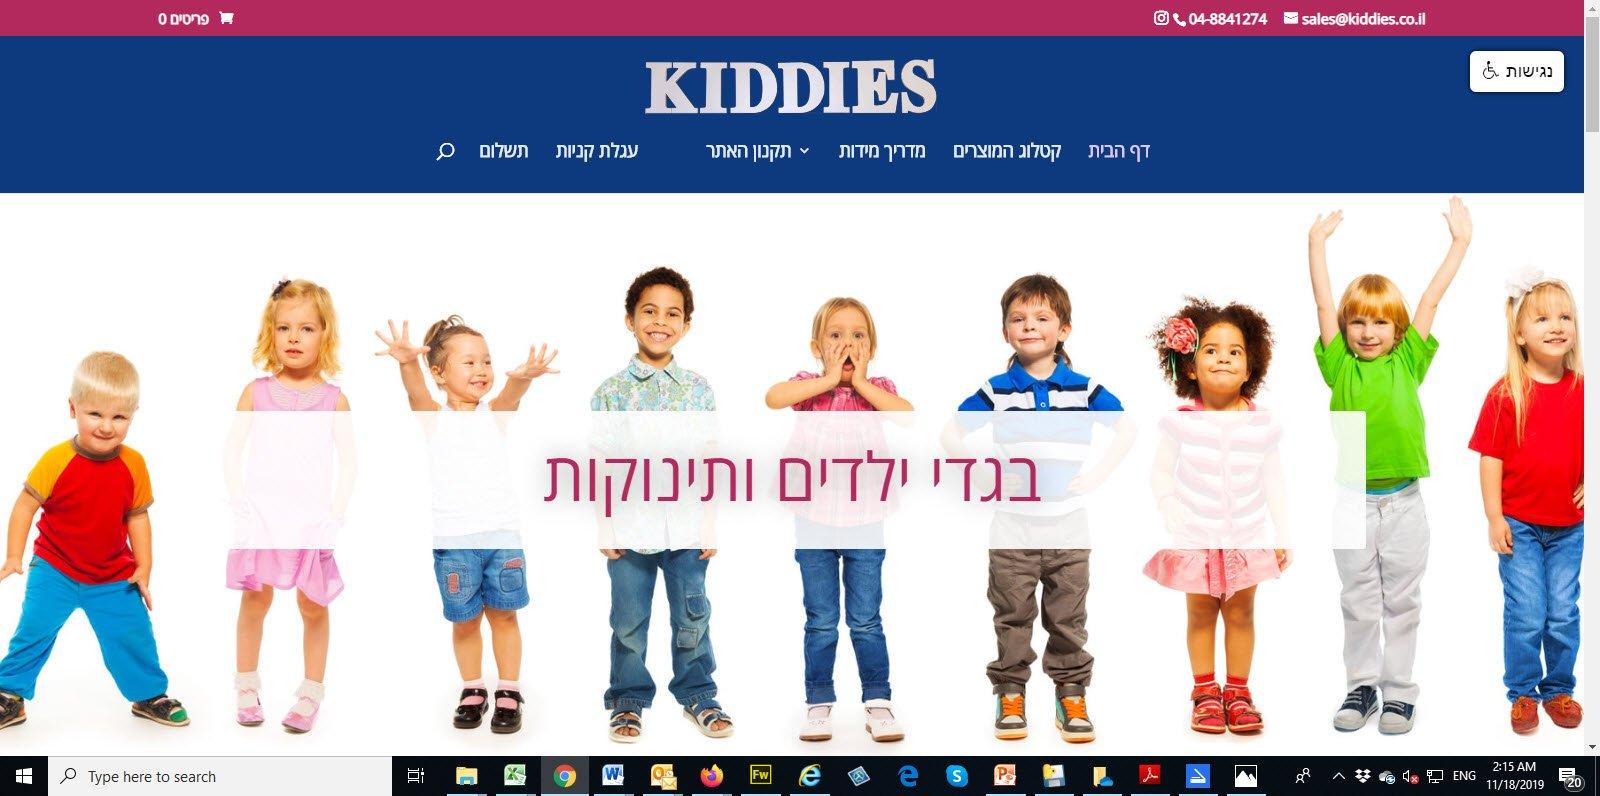 חנות אינטרנטית לבגדי ילדים ותינוקות